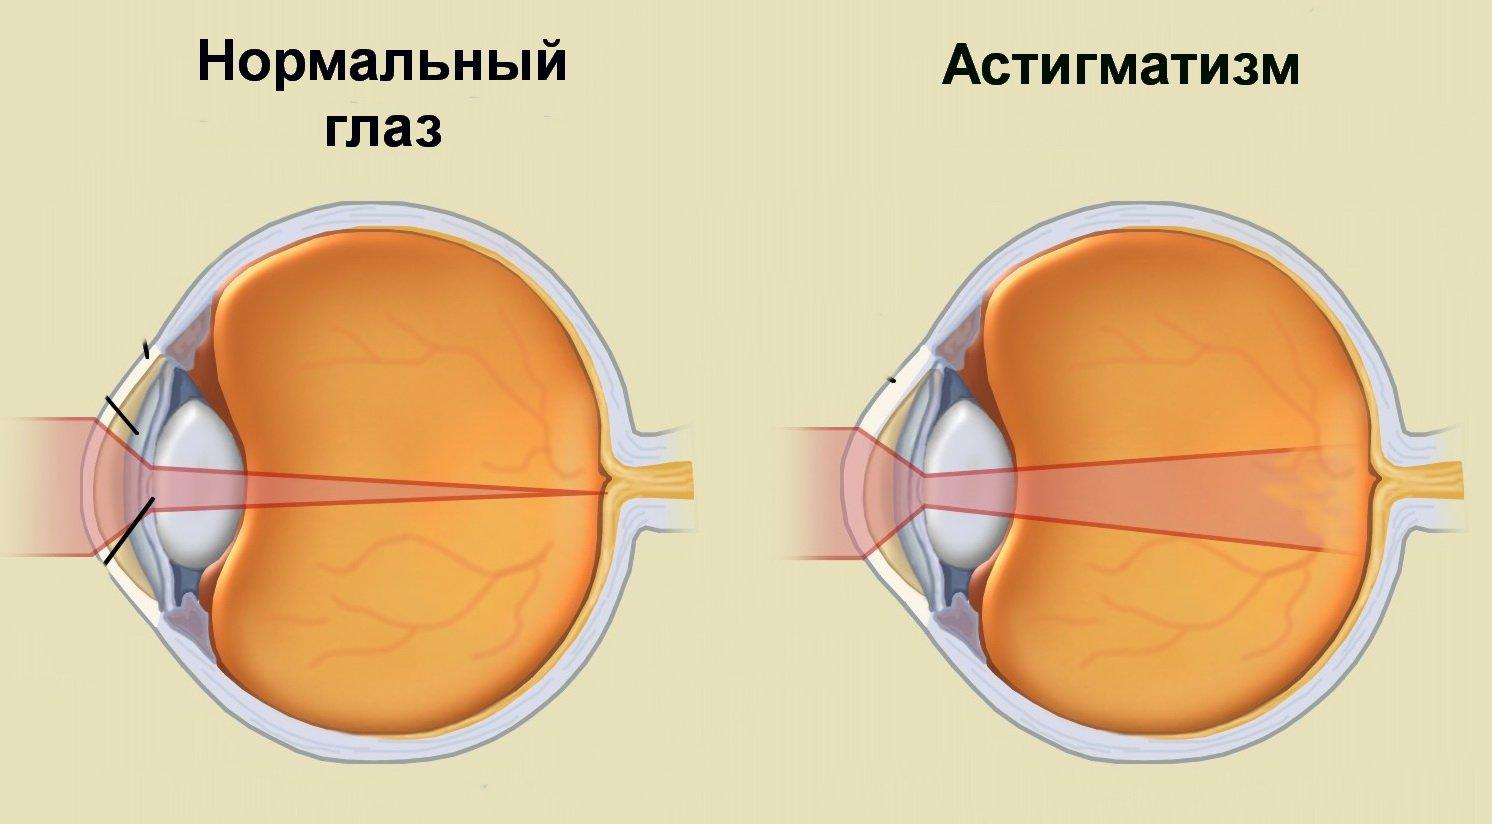 vízkezelések a látás javítása érdekében